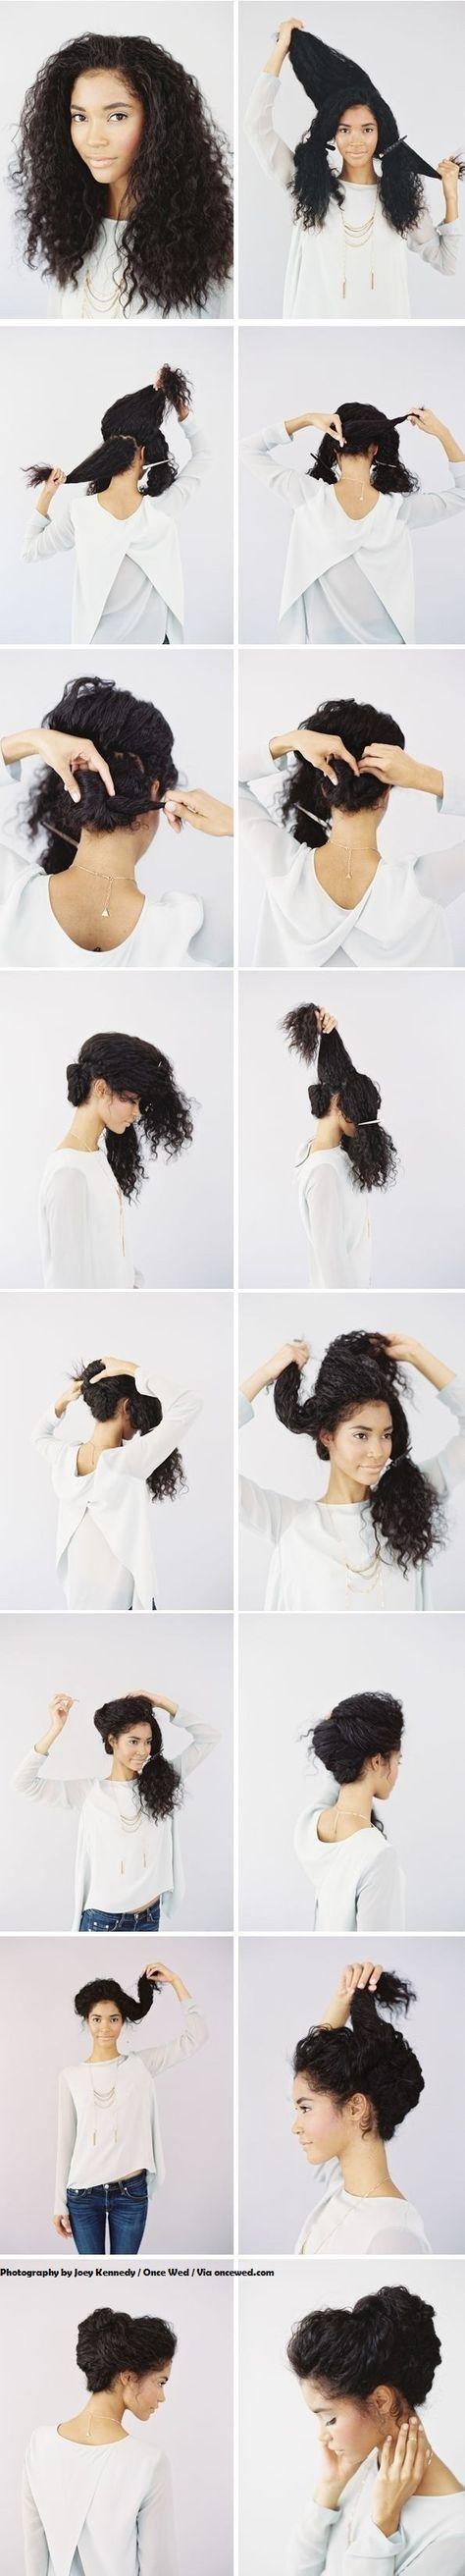 30 Styles De Coiffures Magnifiques Pour Les Cheveux Bouclés !